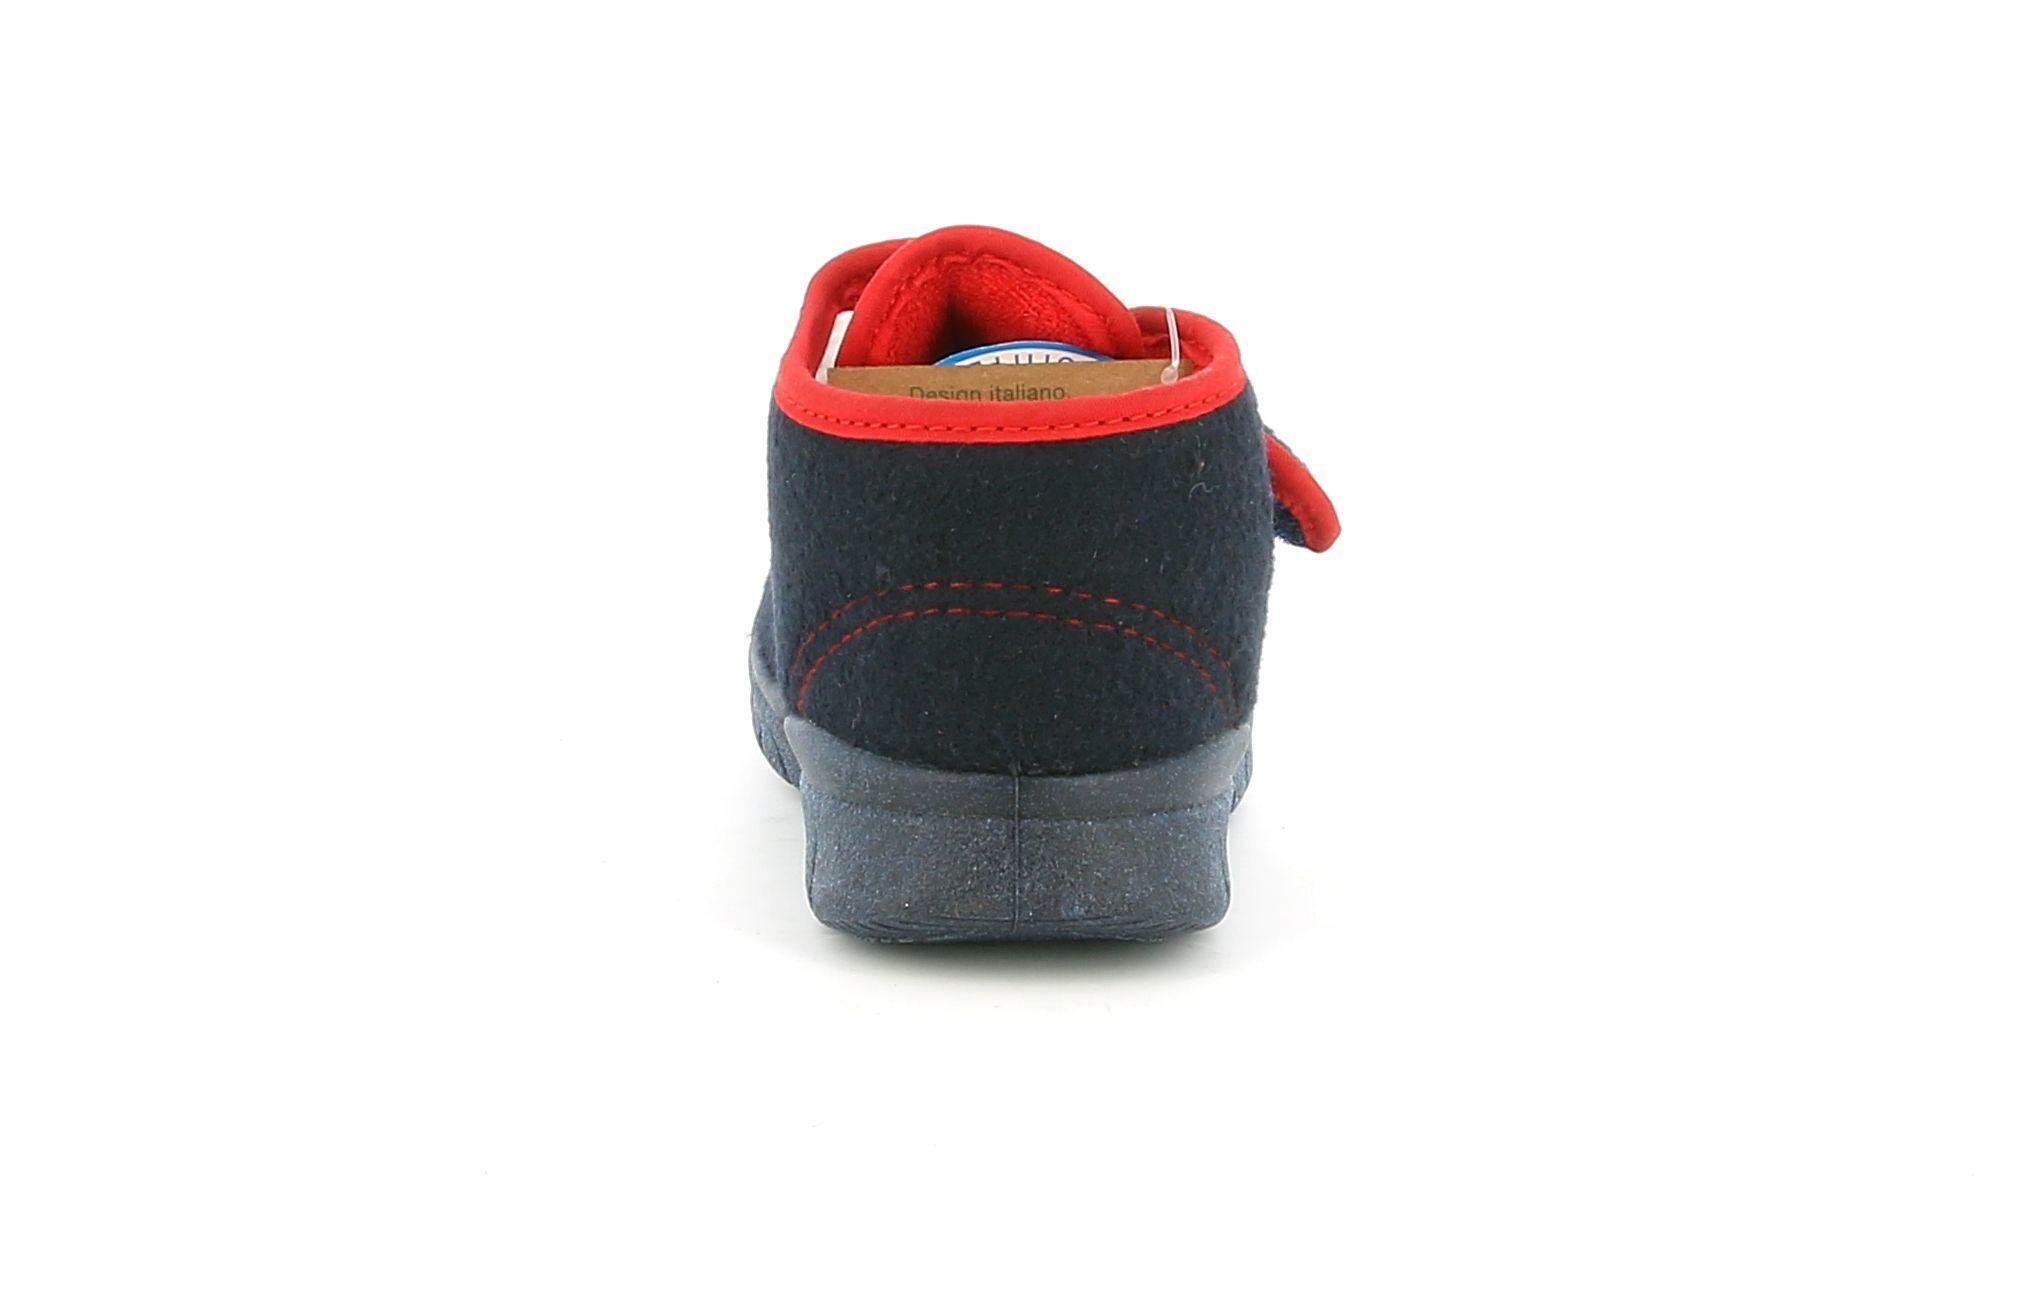 grunland grunland pantofole pa0605 48fitt blu pantafole bambino